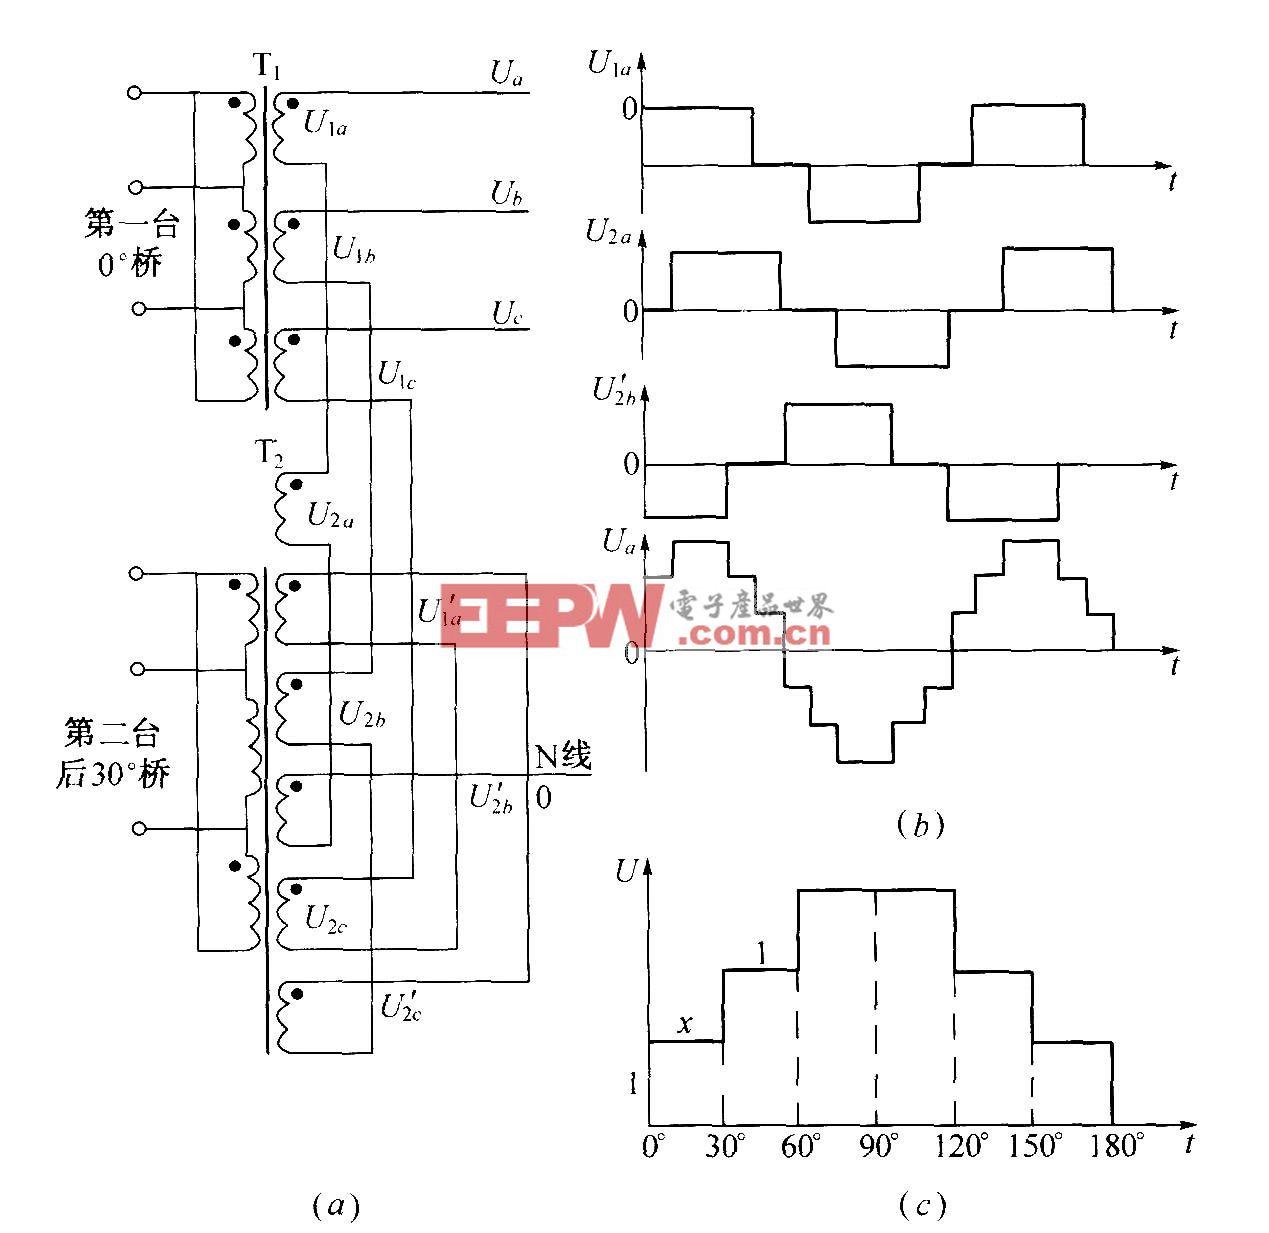 三相阶梯波逆变器输出变压器绕组连接方式及输出电压波形